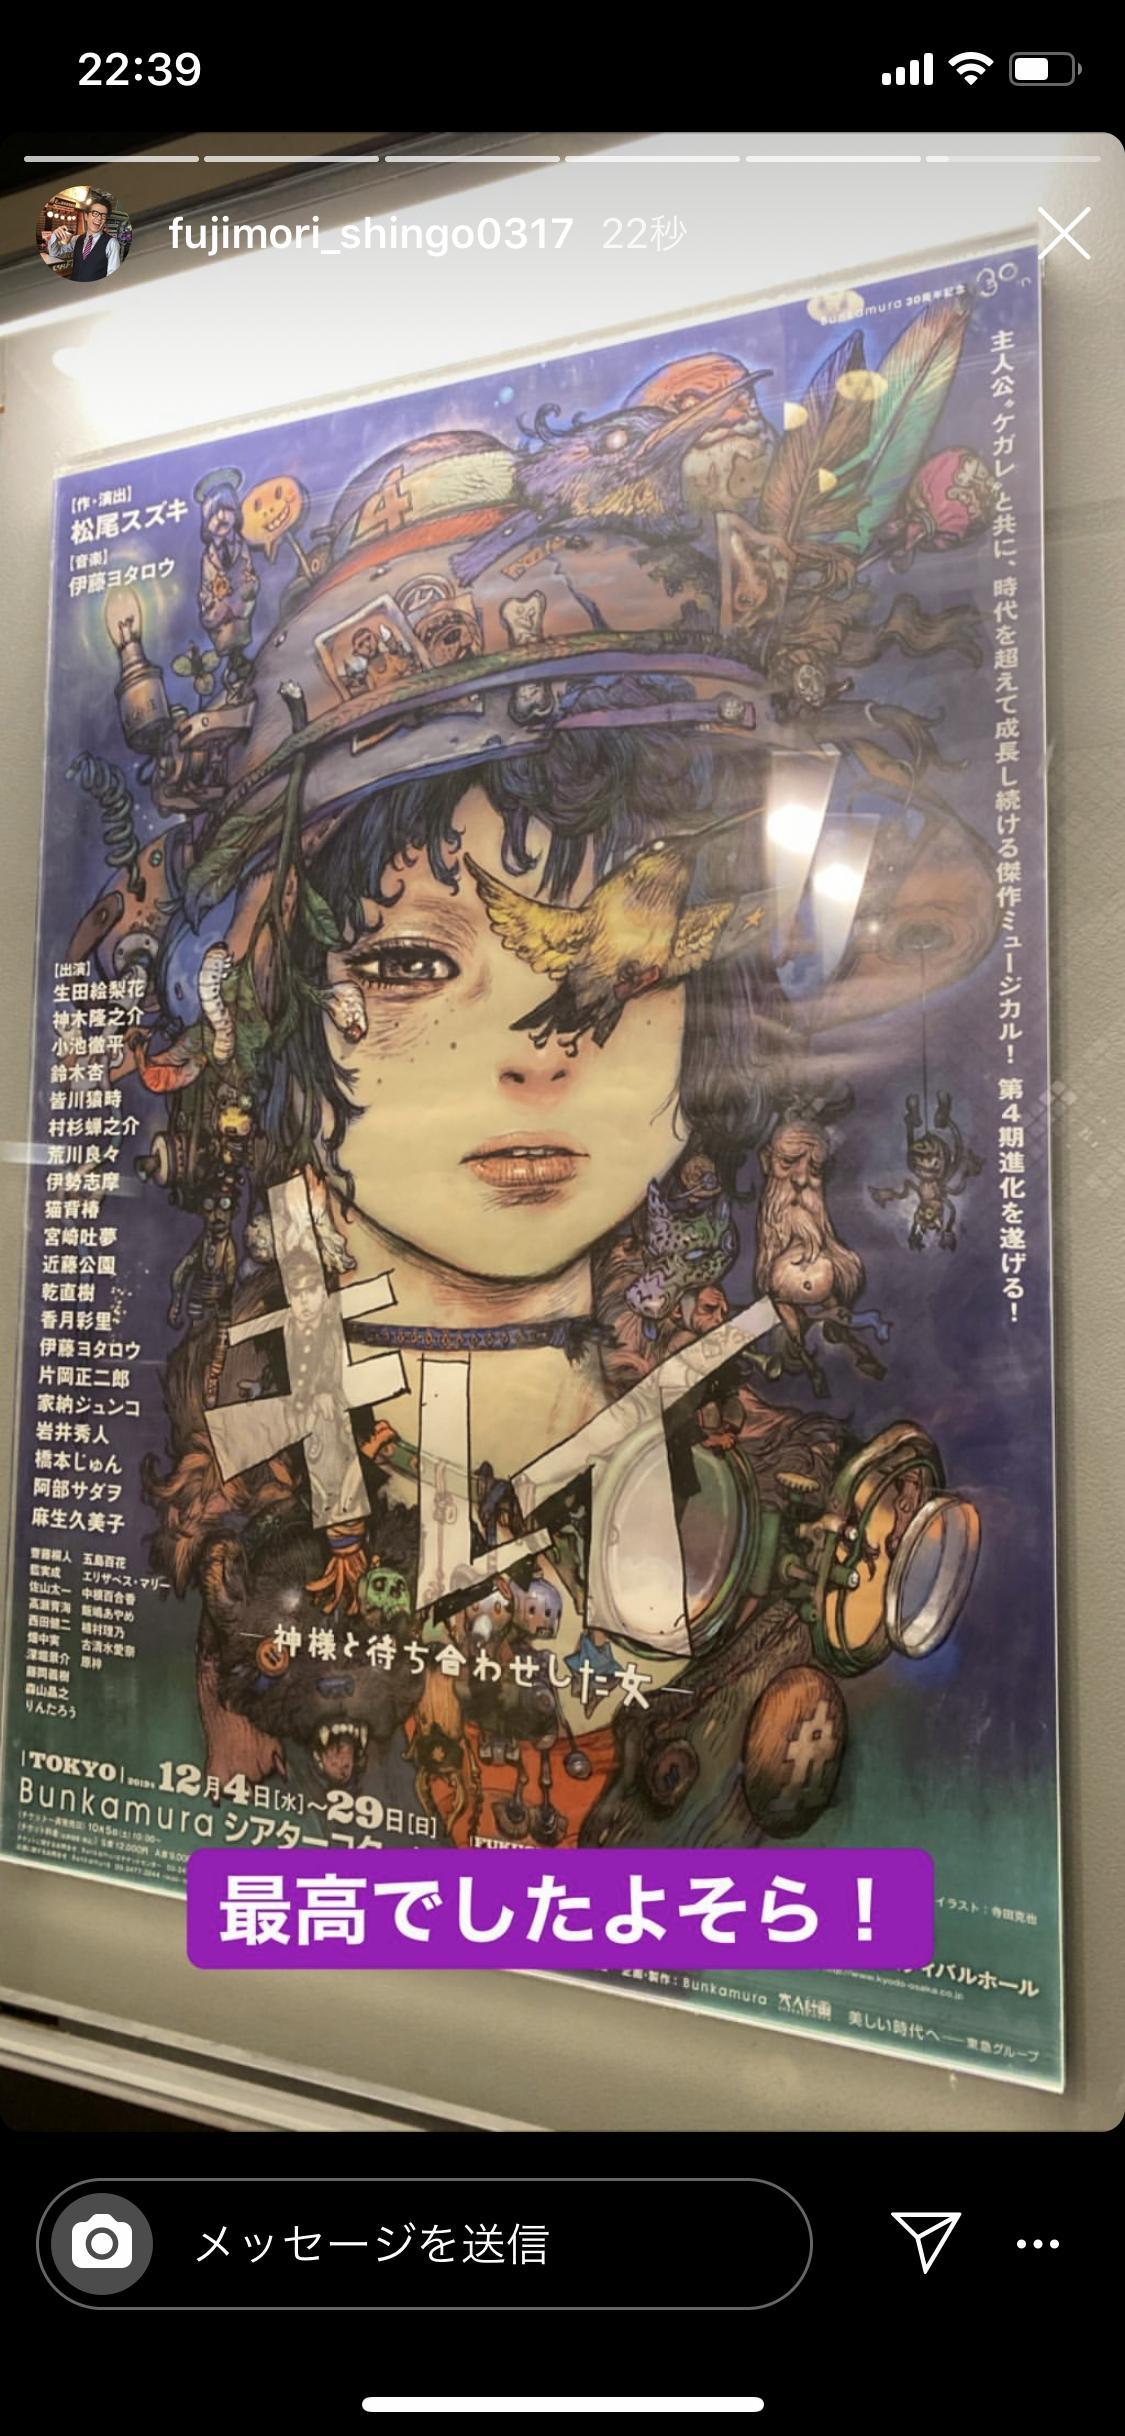 オリラジ藤森、生田絵梨花主演『キレイ』を観劇